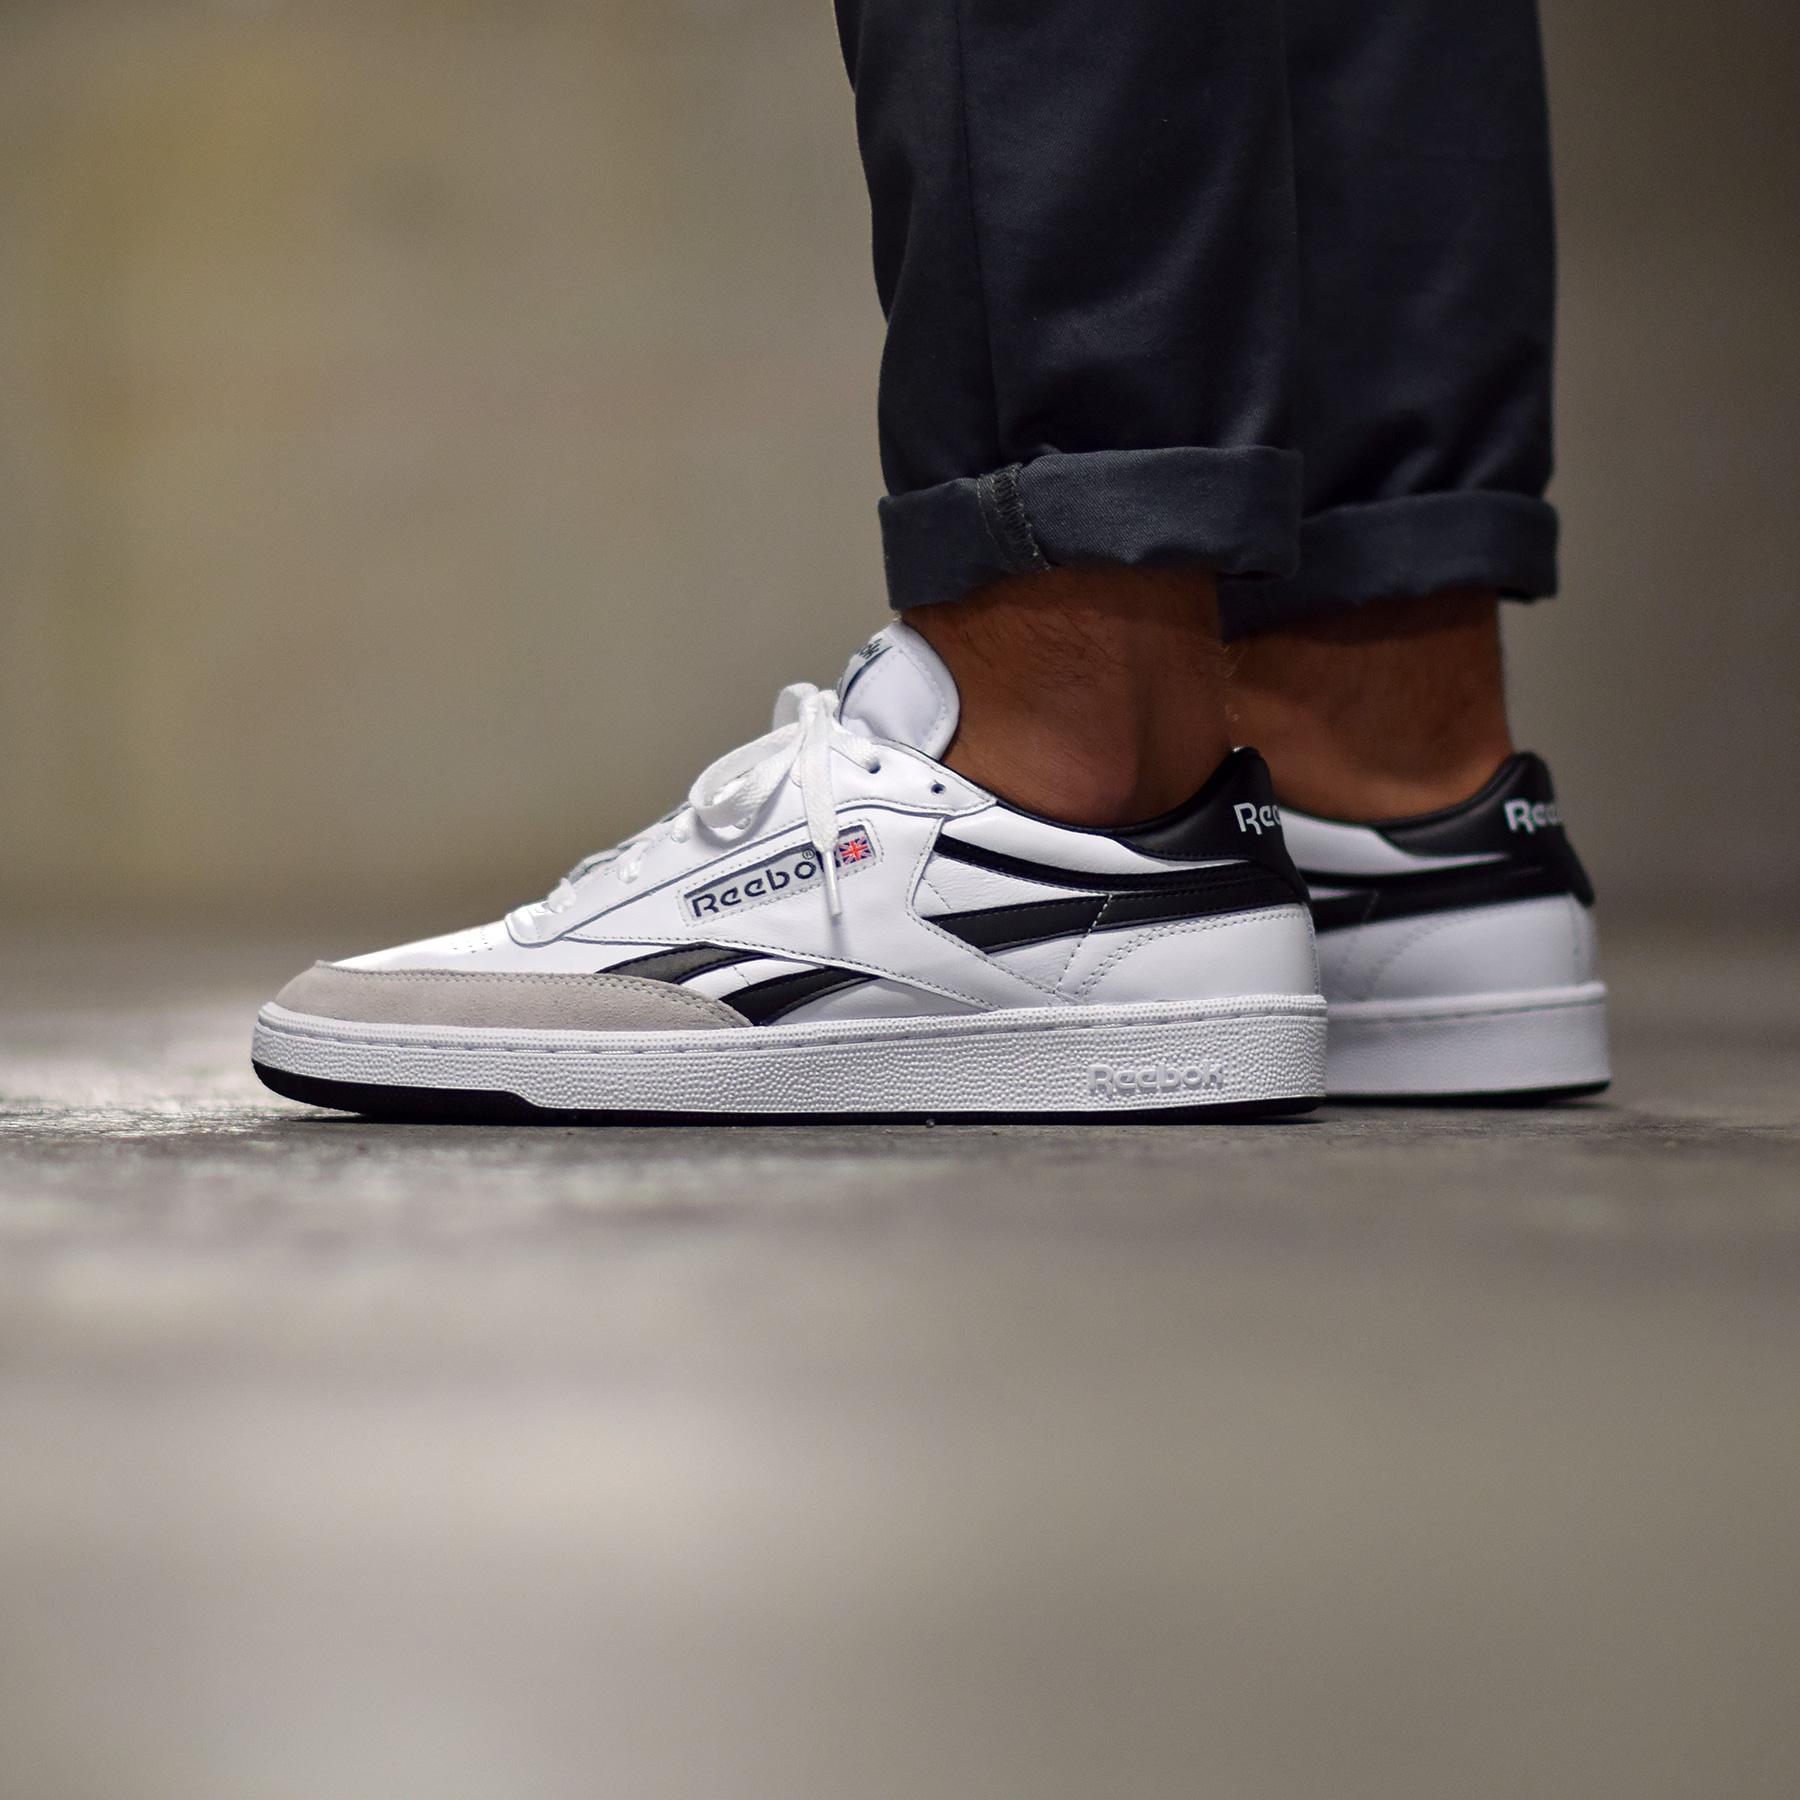 couleur attrayante bas prix la qualité d'abord Reebok Revenge Plus TRC - Sneakers.fr